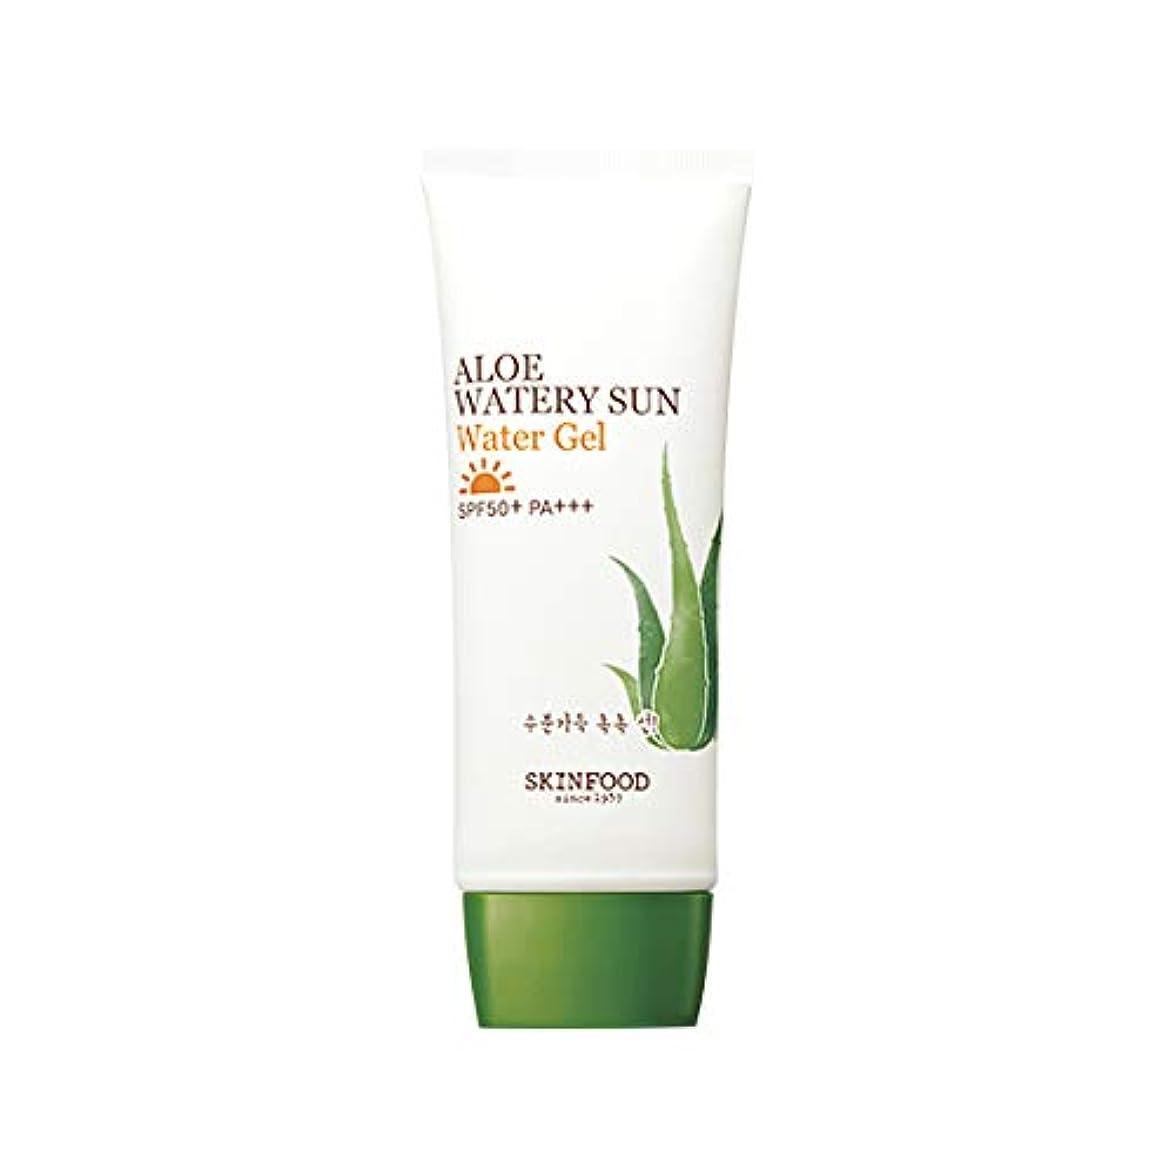 望ましい値クレーターSkinfood アロエウォーターサンジェルSPF50 + PA +++ / Aloe Watery Sun Water Gel SPF50+ PA+++ 50ml [並行輸入品]